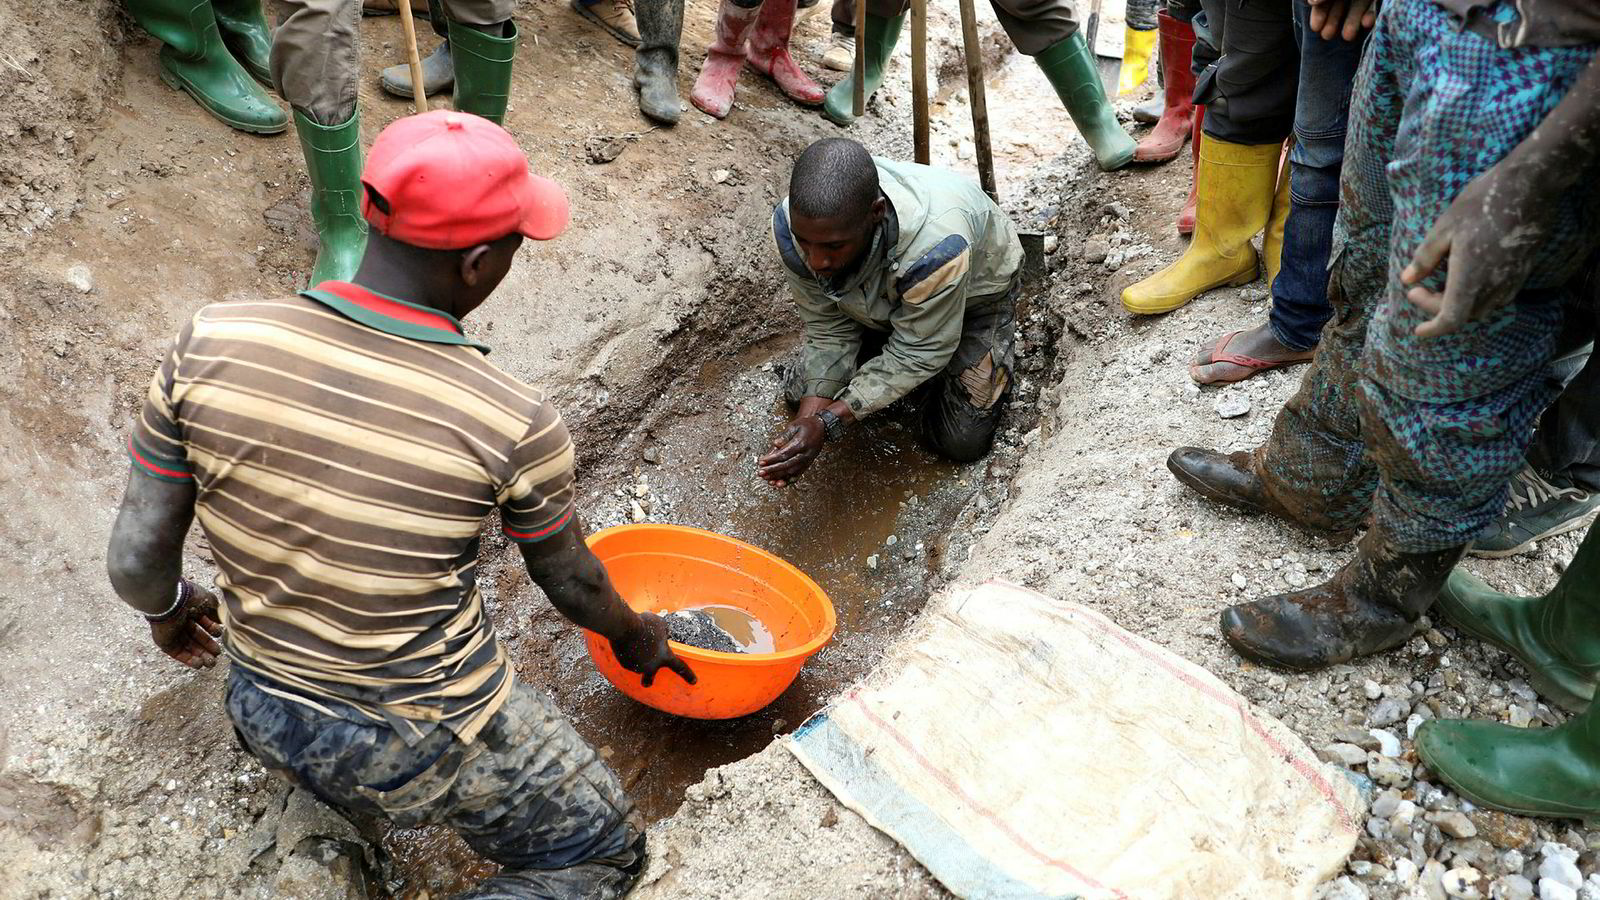 Våre nye dingser trenger mineraler fra blant annet i Kongo. Betydelige verdier fører til brutale gruvekonflikter og det er kvinner og barn som betaler den største prislappen, skriver artikkelforfatteren. Her henter gruvearbeidere ut coltan i Birambo, Masisi i Kongo 1. desember 2018.